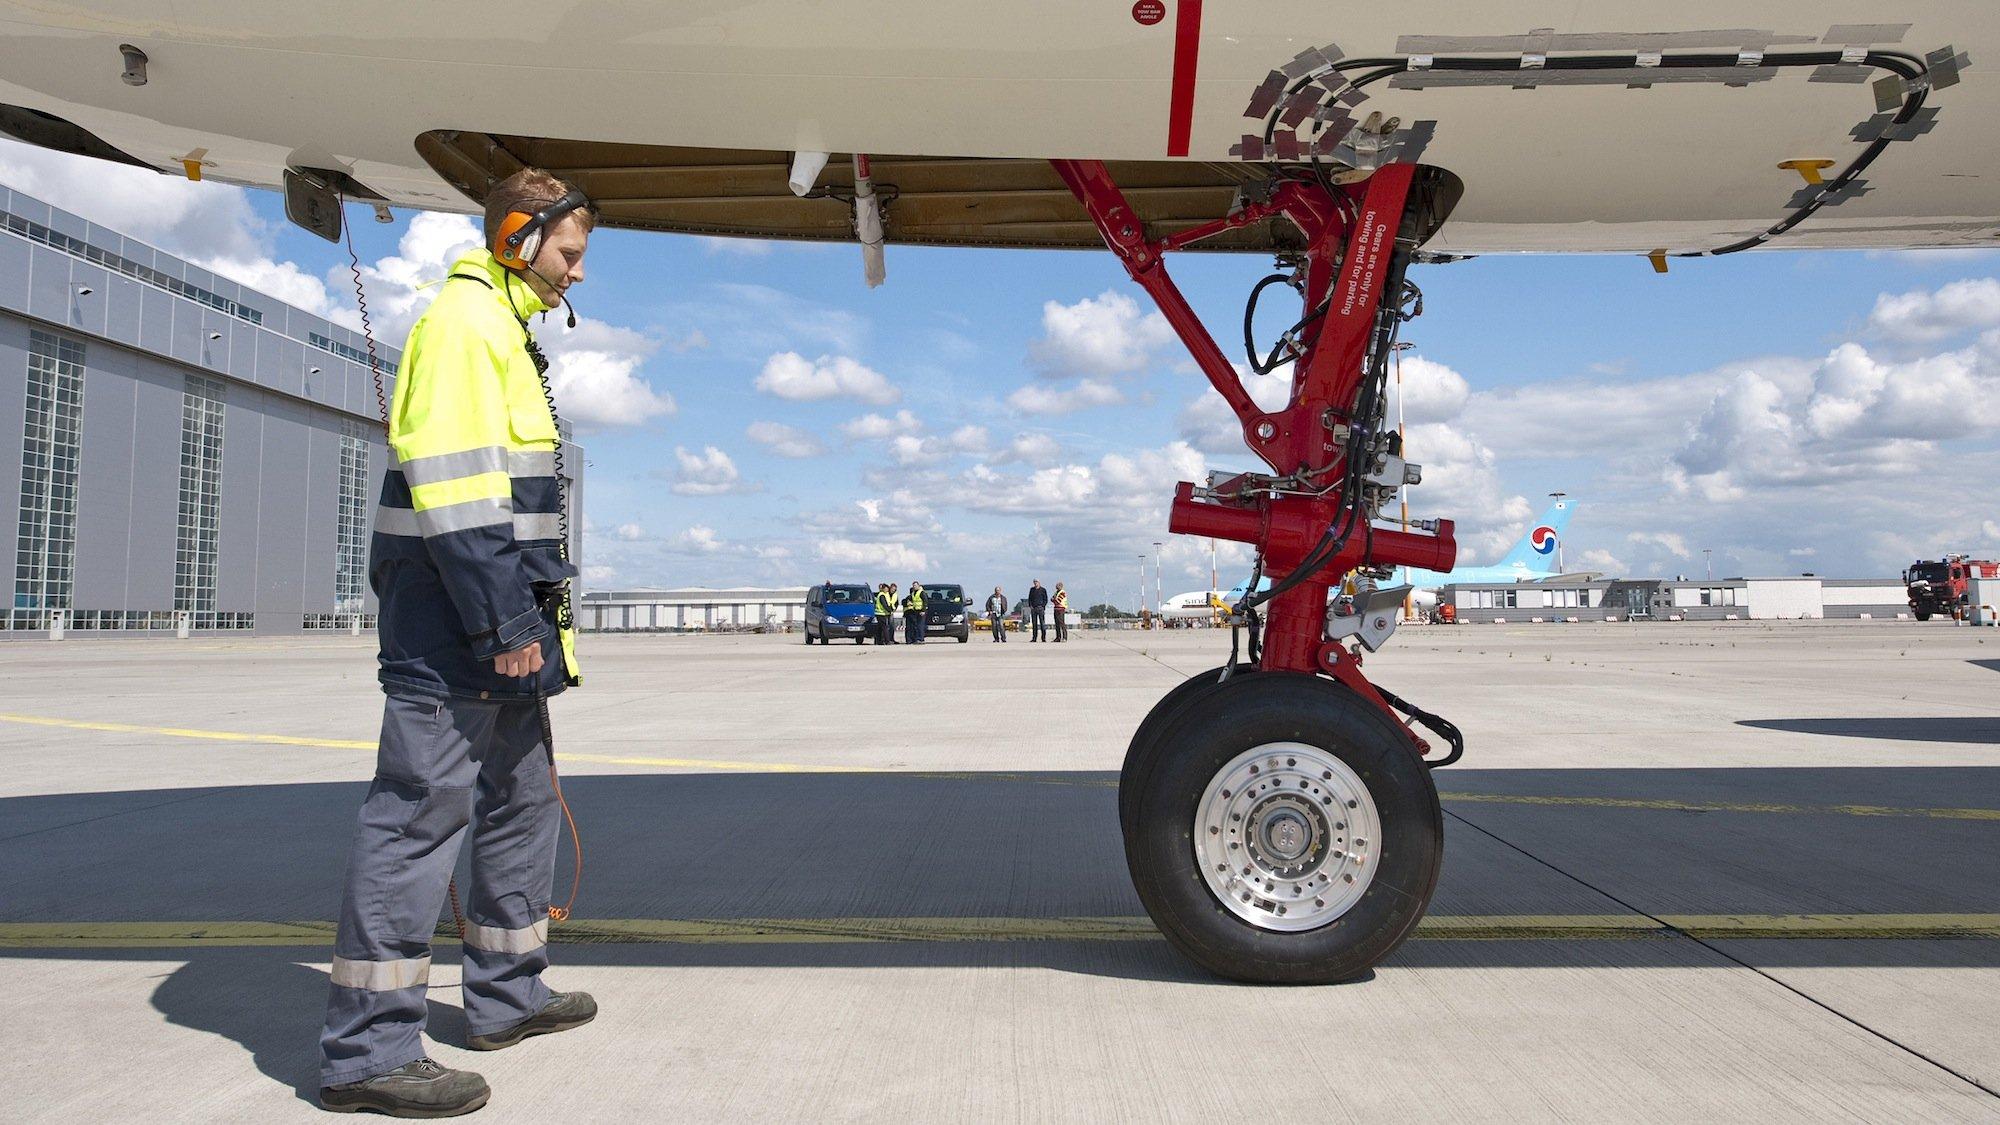 Flugzeuge sollen künftig nicht mehr mit der Kraft der Turbinen, sondern durch elektrisch angetriebene Bugräder zum Terminal rollen. Den Strom dafür könnten Brennstoffzellen liefern. An der entsprechenden Technik arbeitet die TU Hamburg-Harburg.